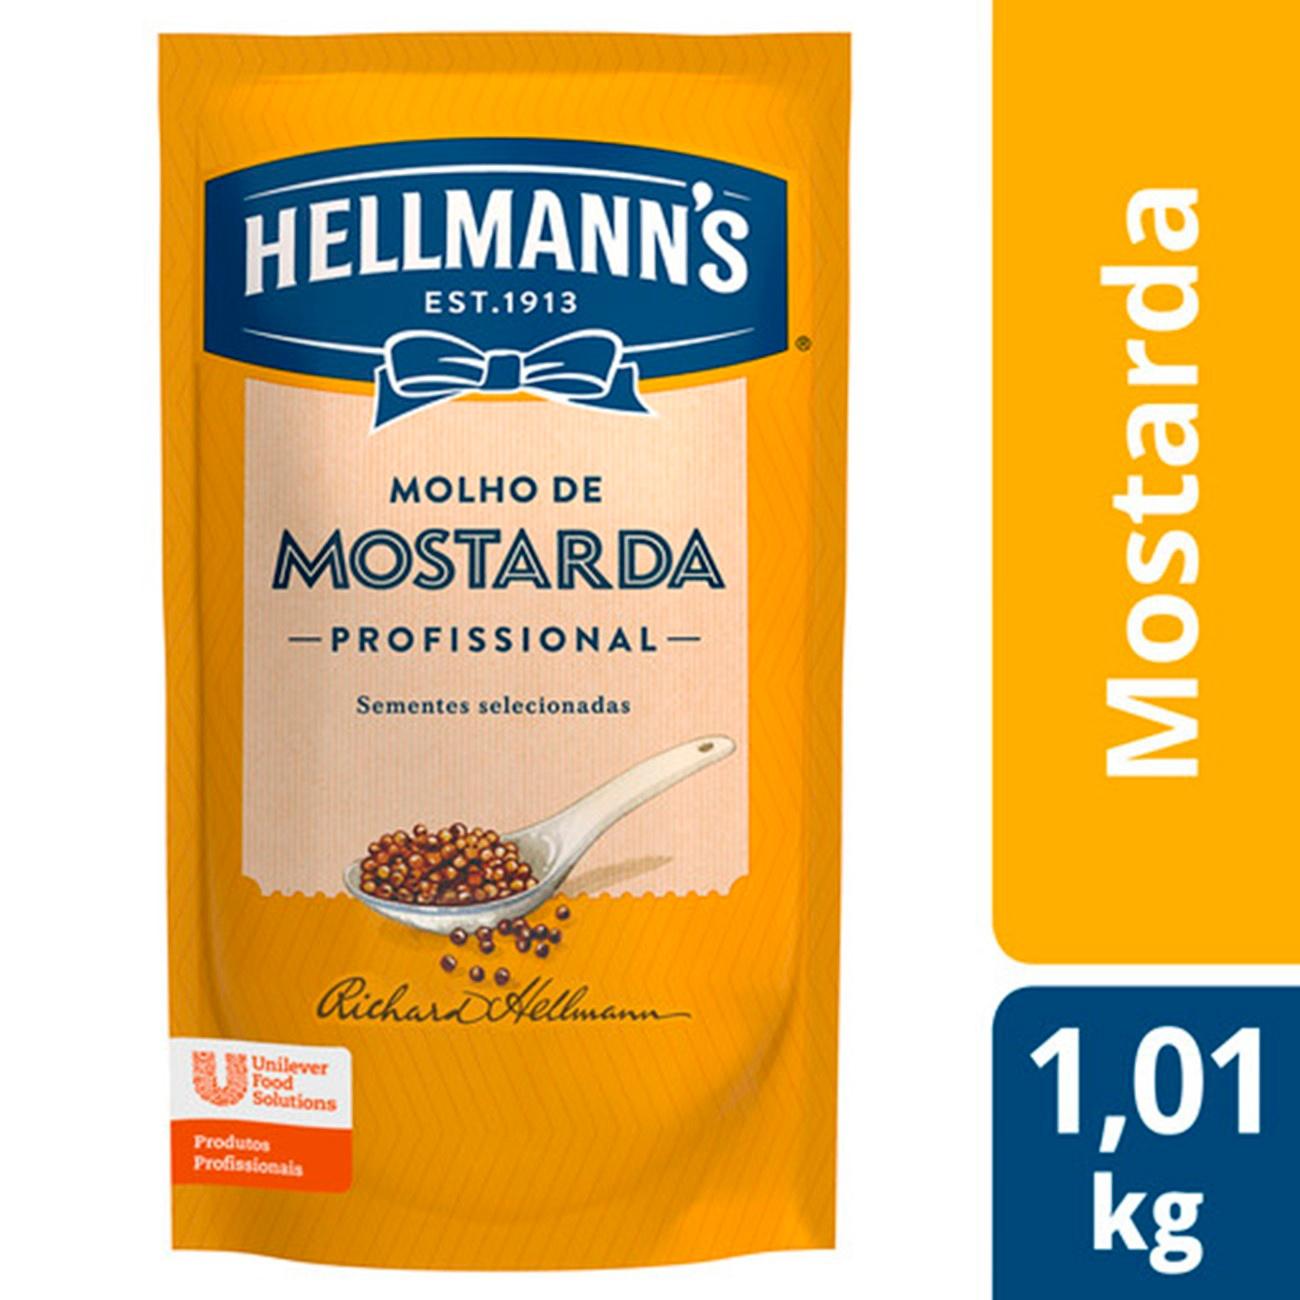 Mostarda Hellmanns Doypack 1,01kg | 1 unidade